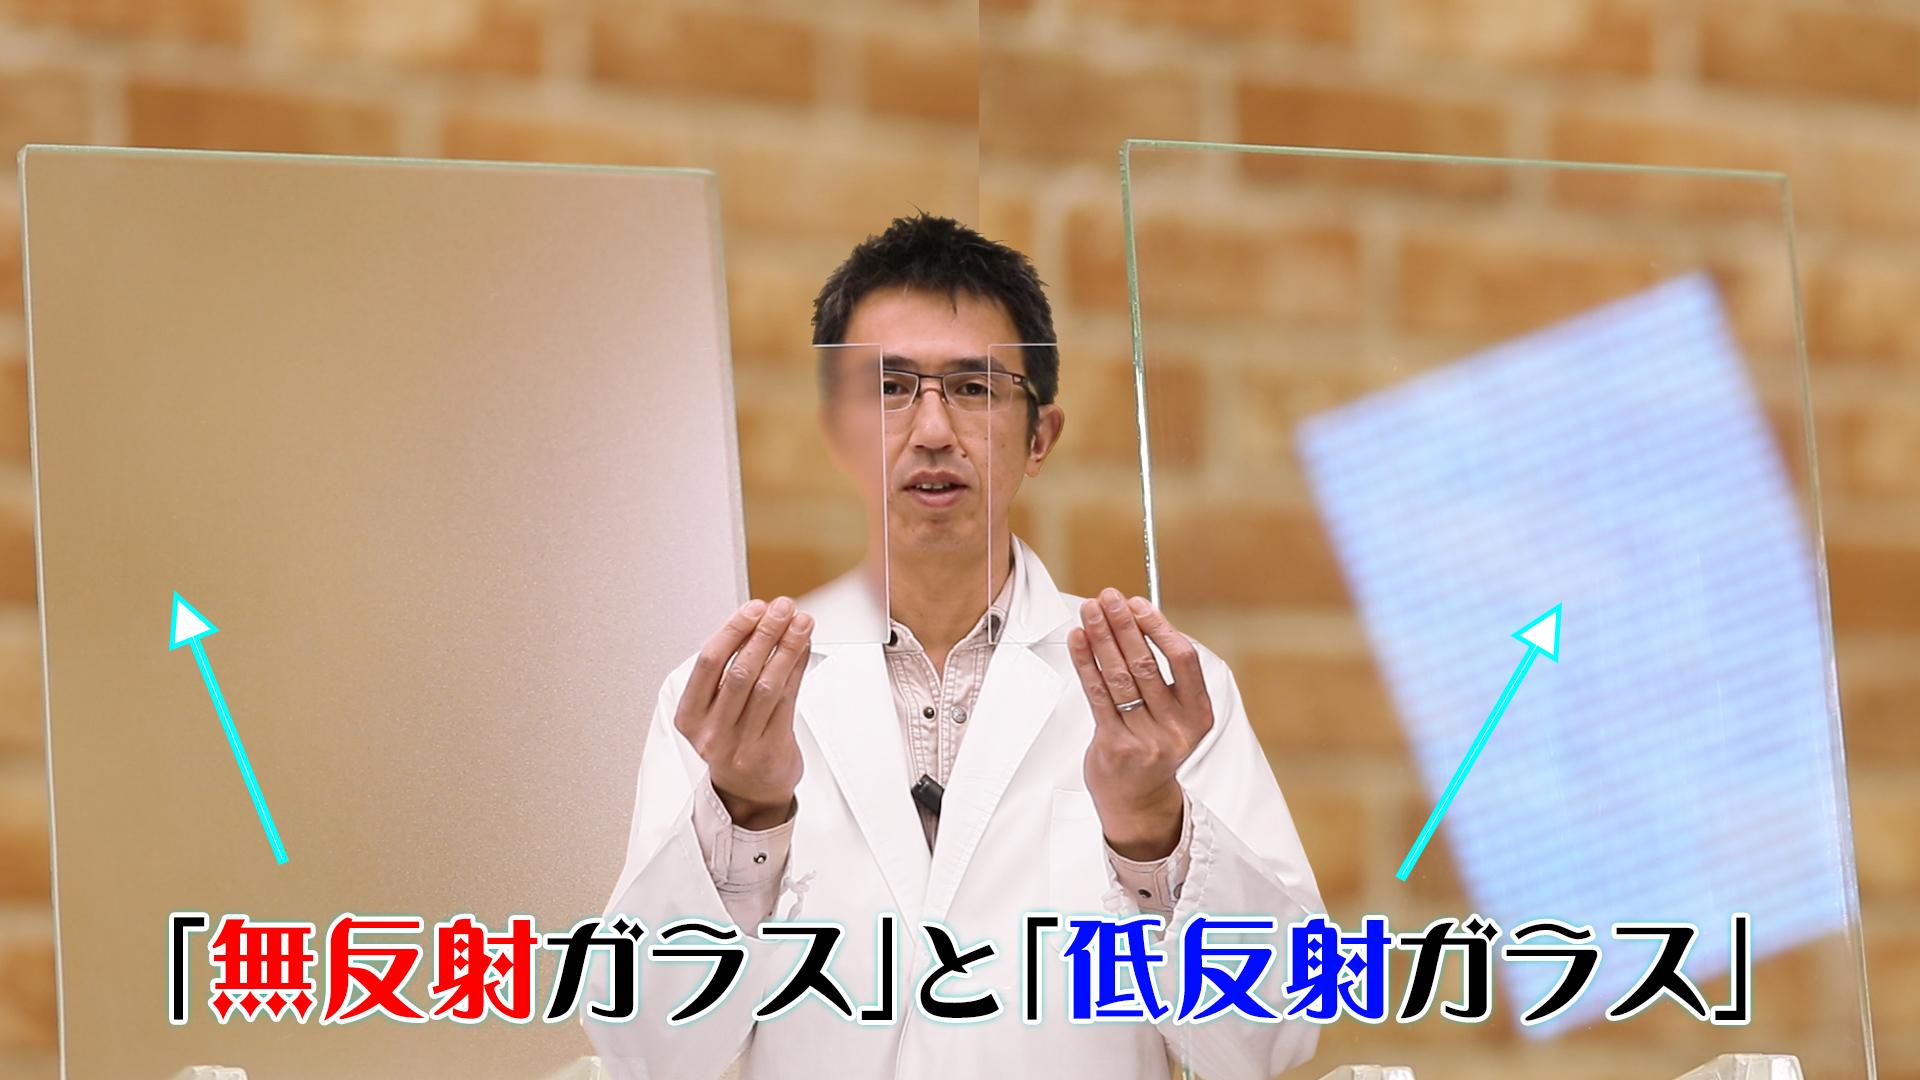 無反射ガラスと低反射ガラス